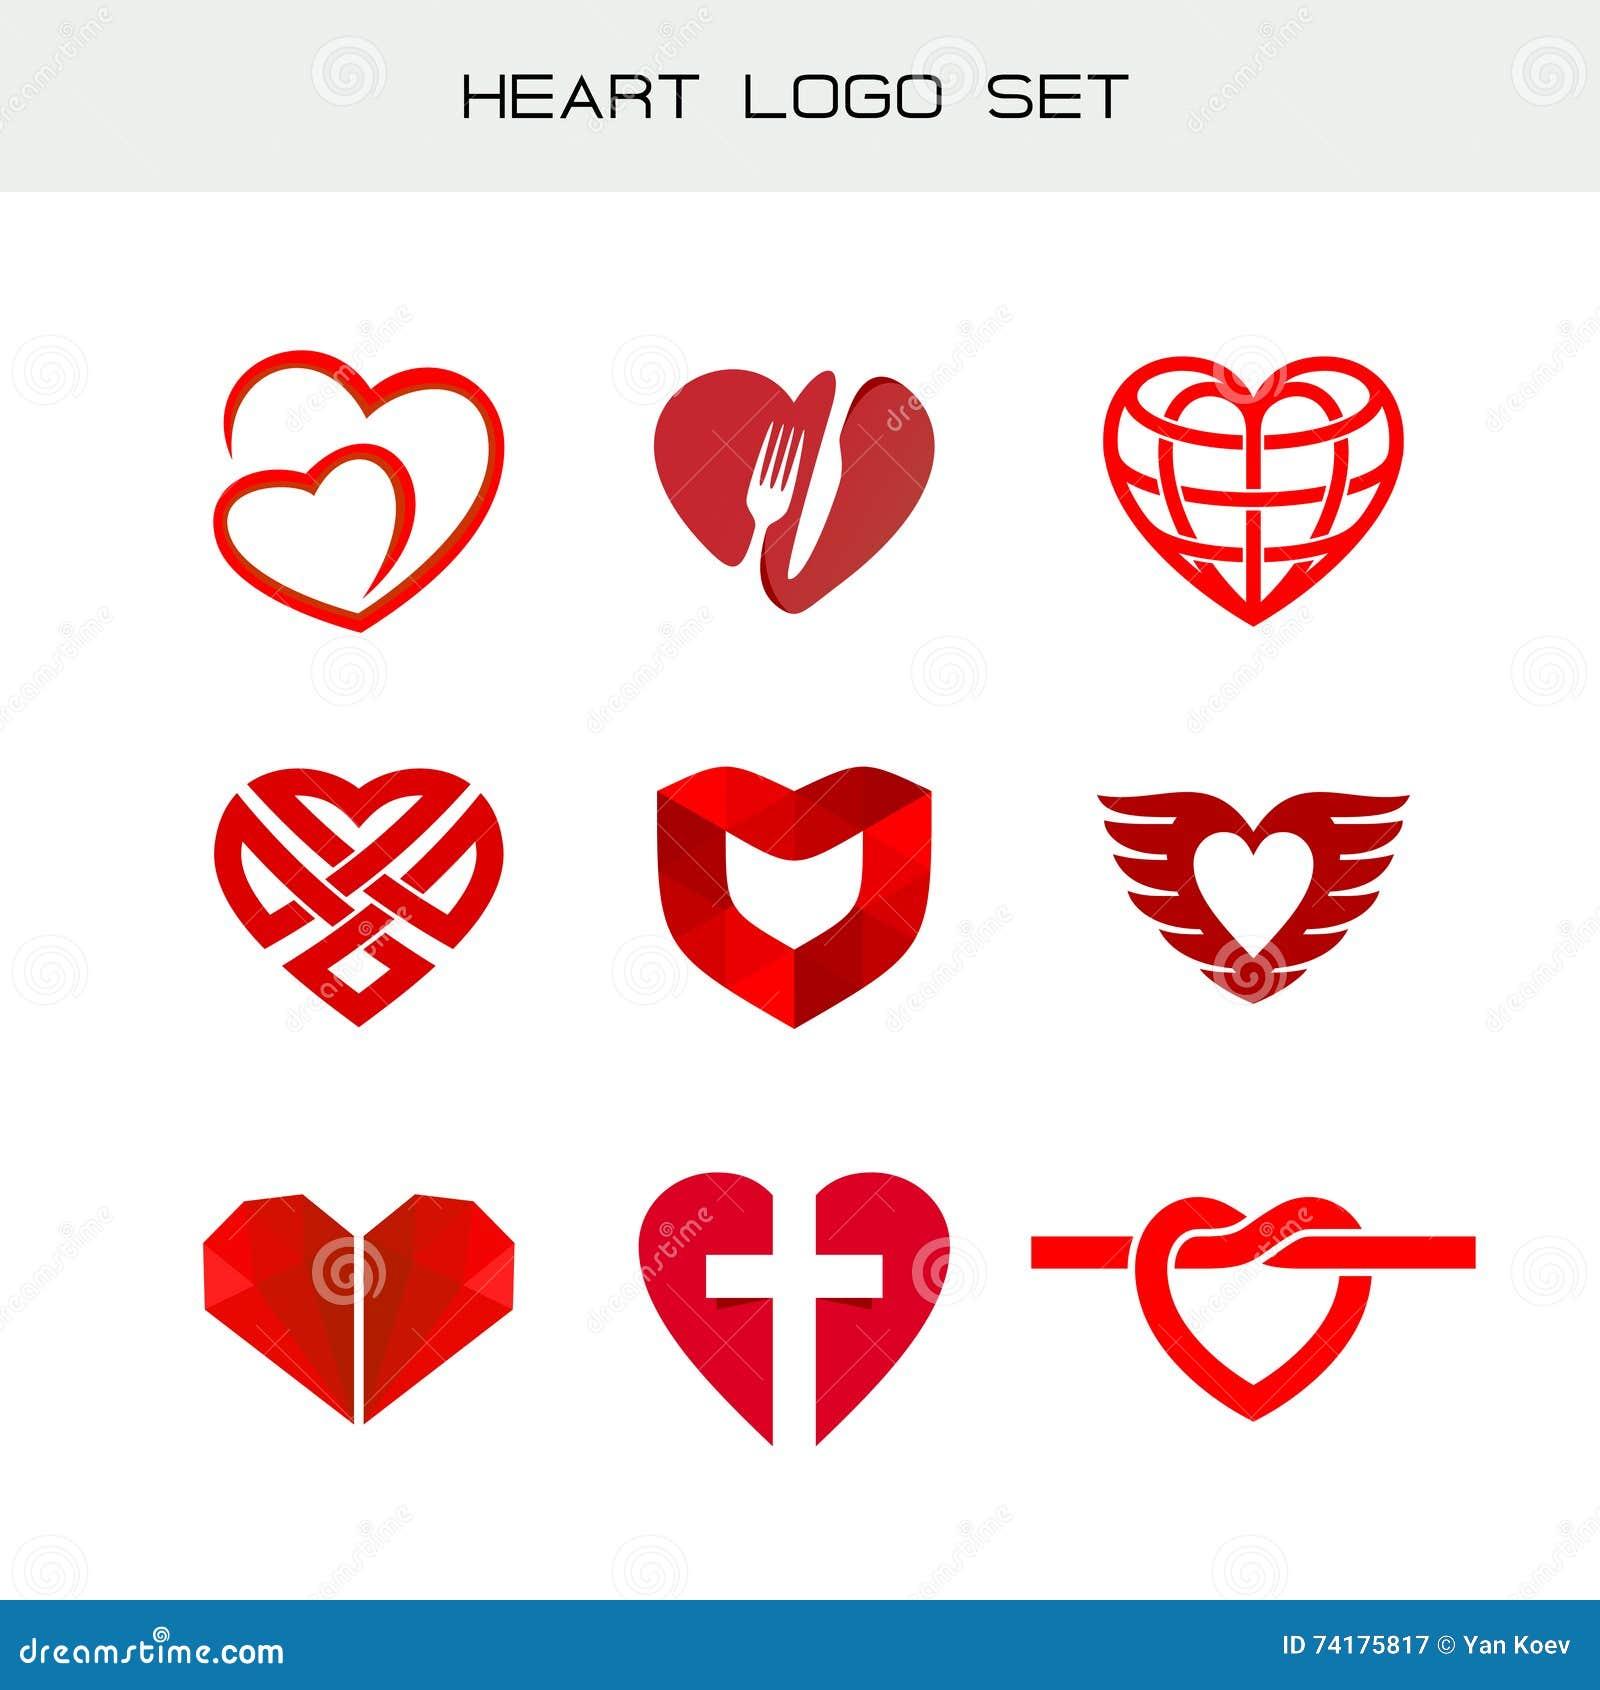 Heart Logo Set Red Heart Symbols Stock Vector Illustration Of